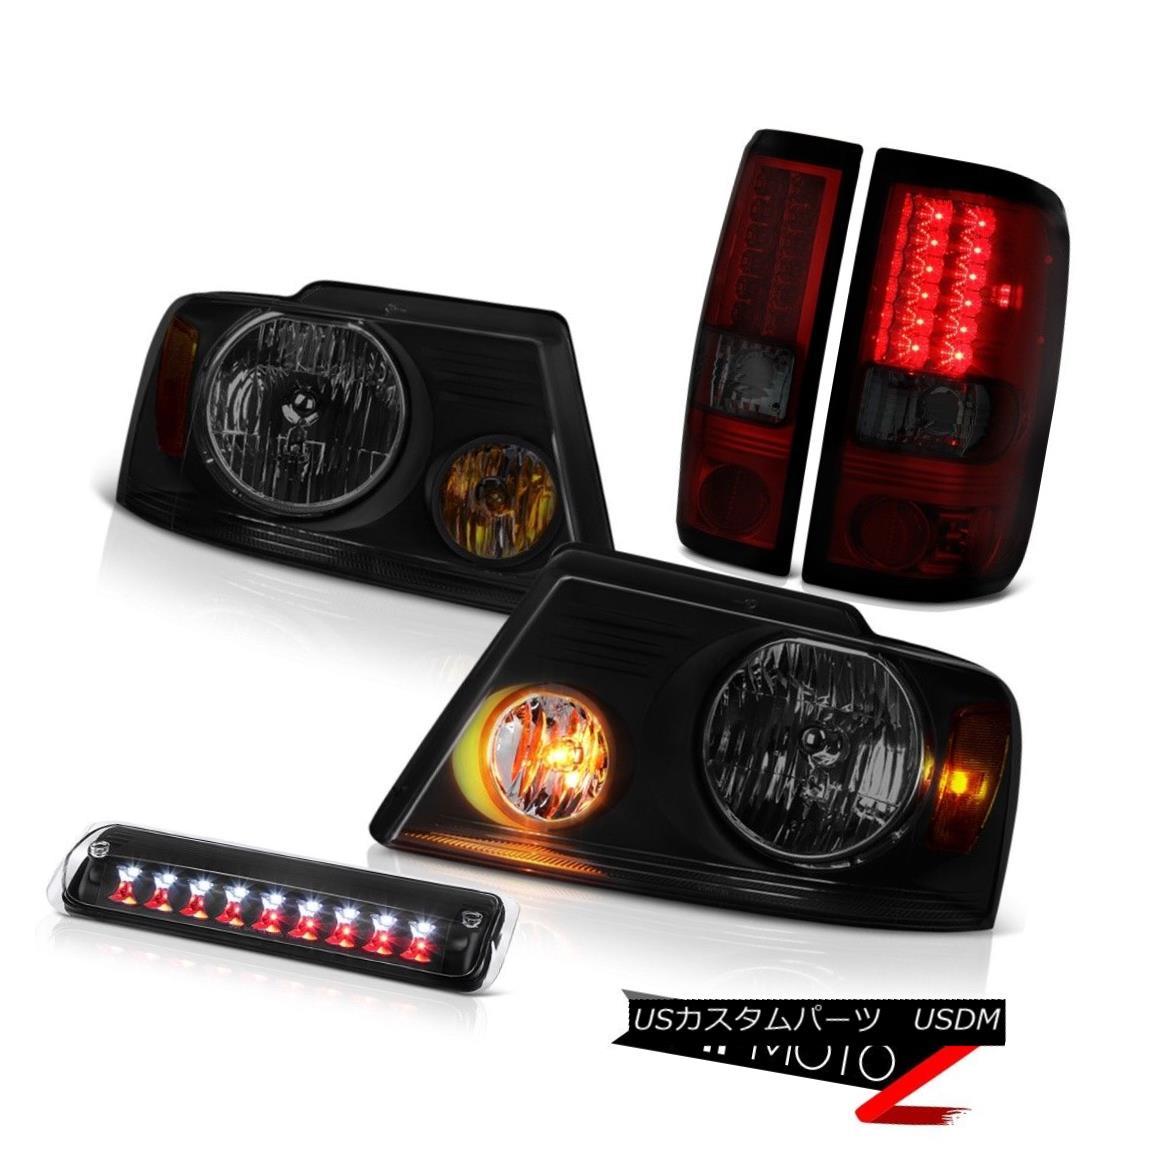 テールライト 04-08 Ford F150 FX4 Headlights Raven Black Roof Brake Lamp Tail Lights OE Style 04-08 Ford F150 FX4ヘッドライトRaven Black屋根ブレーキランプテールライトOEスタイル